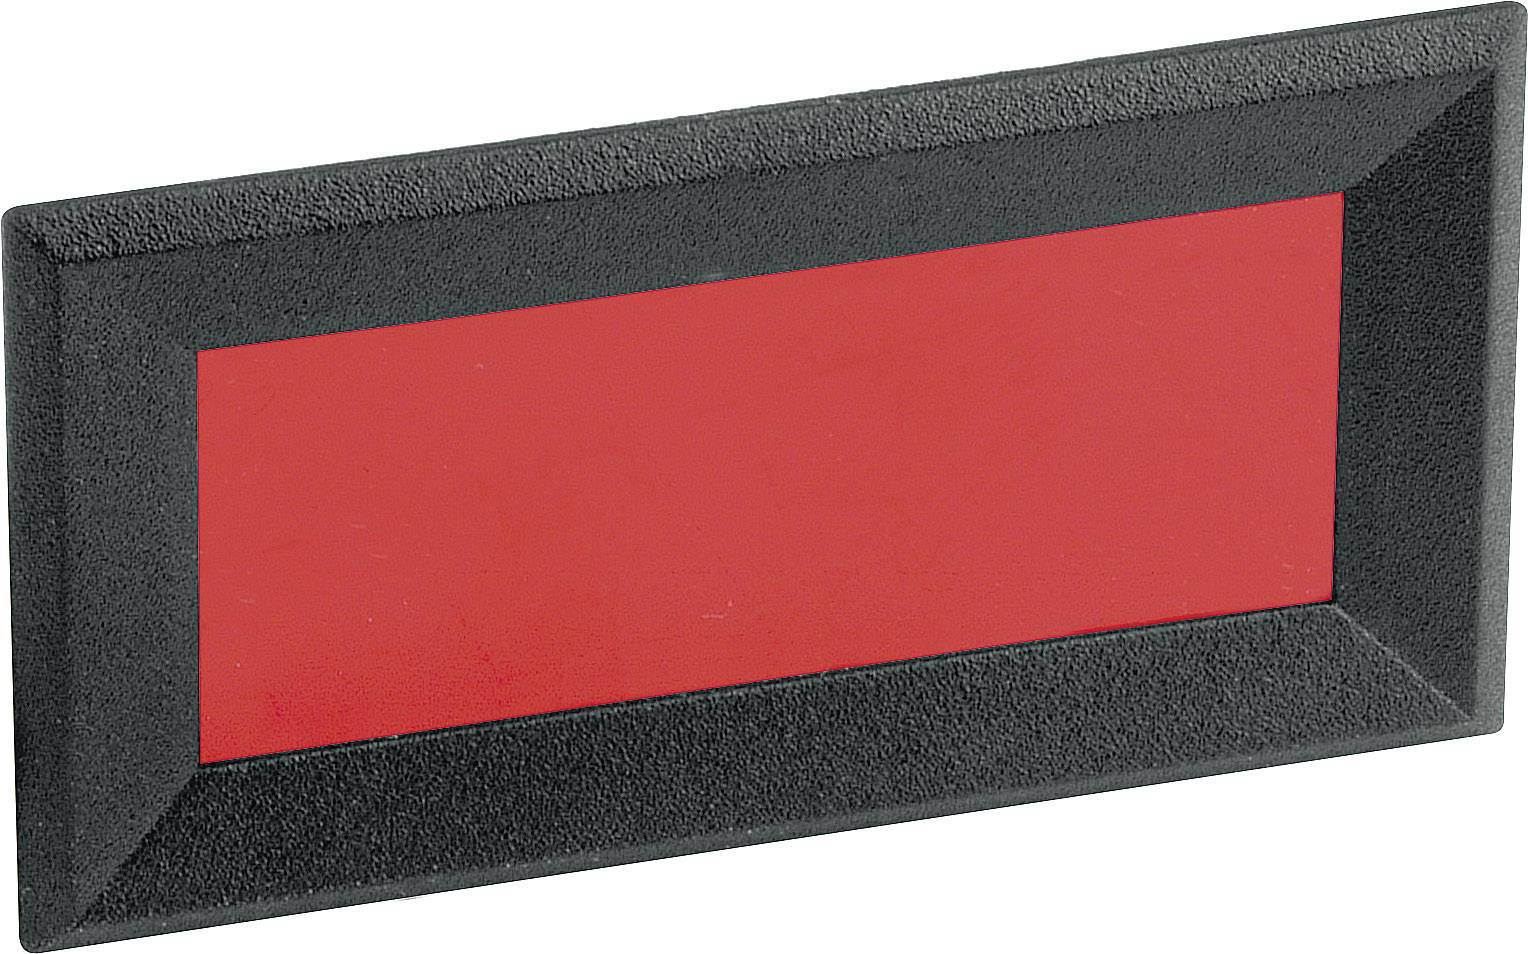 Rámeček pro LCD/LED displeje Mentor 2656.8422, 64 x 28 mm, červená